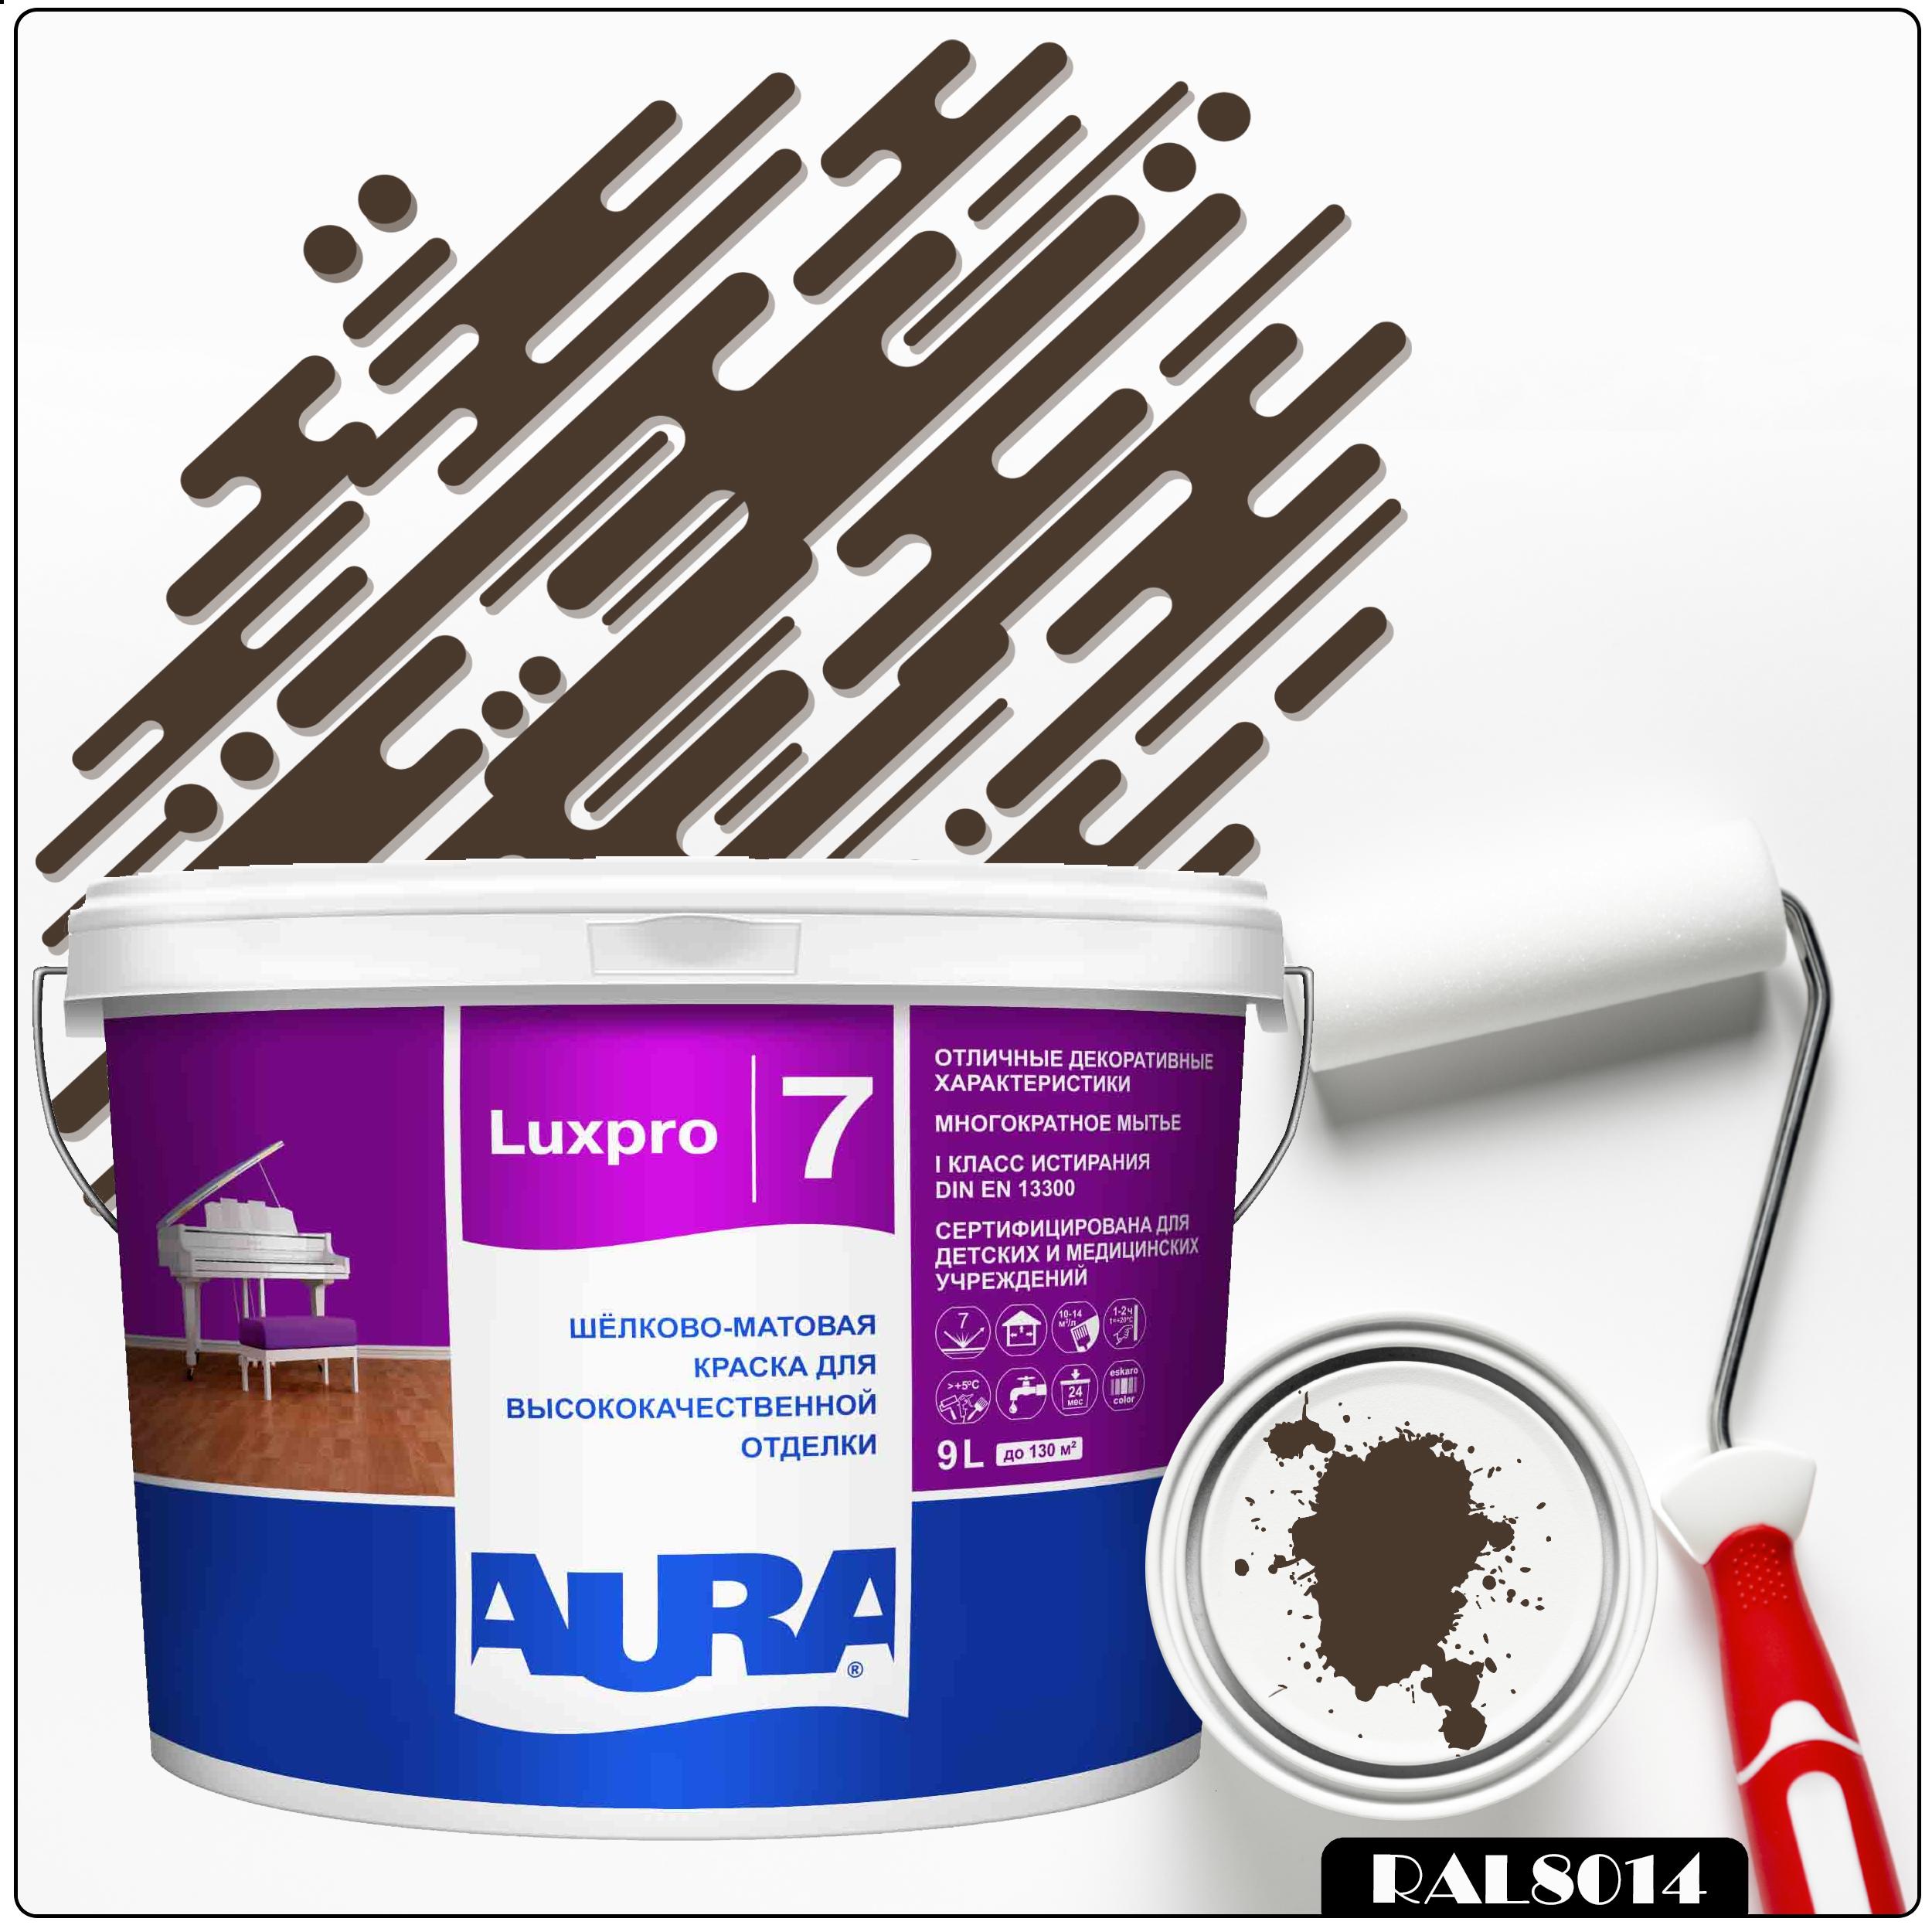 Фото 10 - Краска Aura LuxPRO 7, RAL 8014 Сепия коричневый, латексная, шелково-матовая, интерьерная, 9л, Аура.